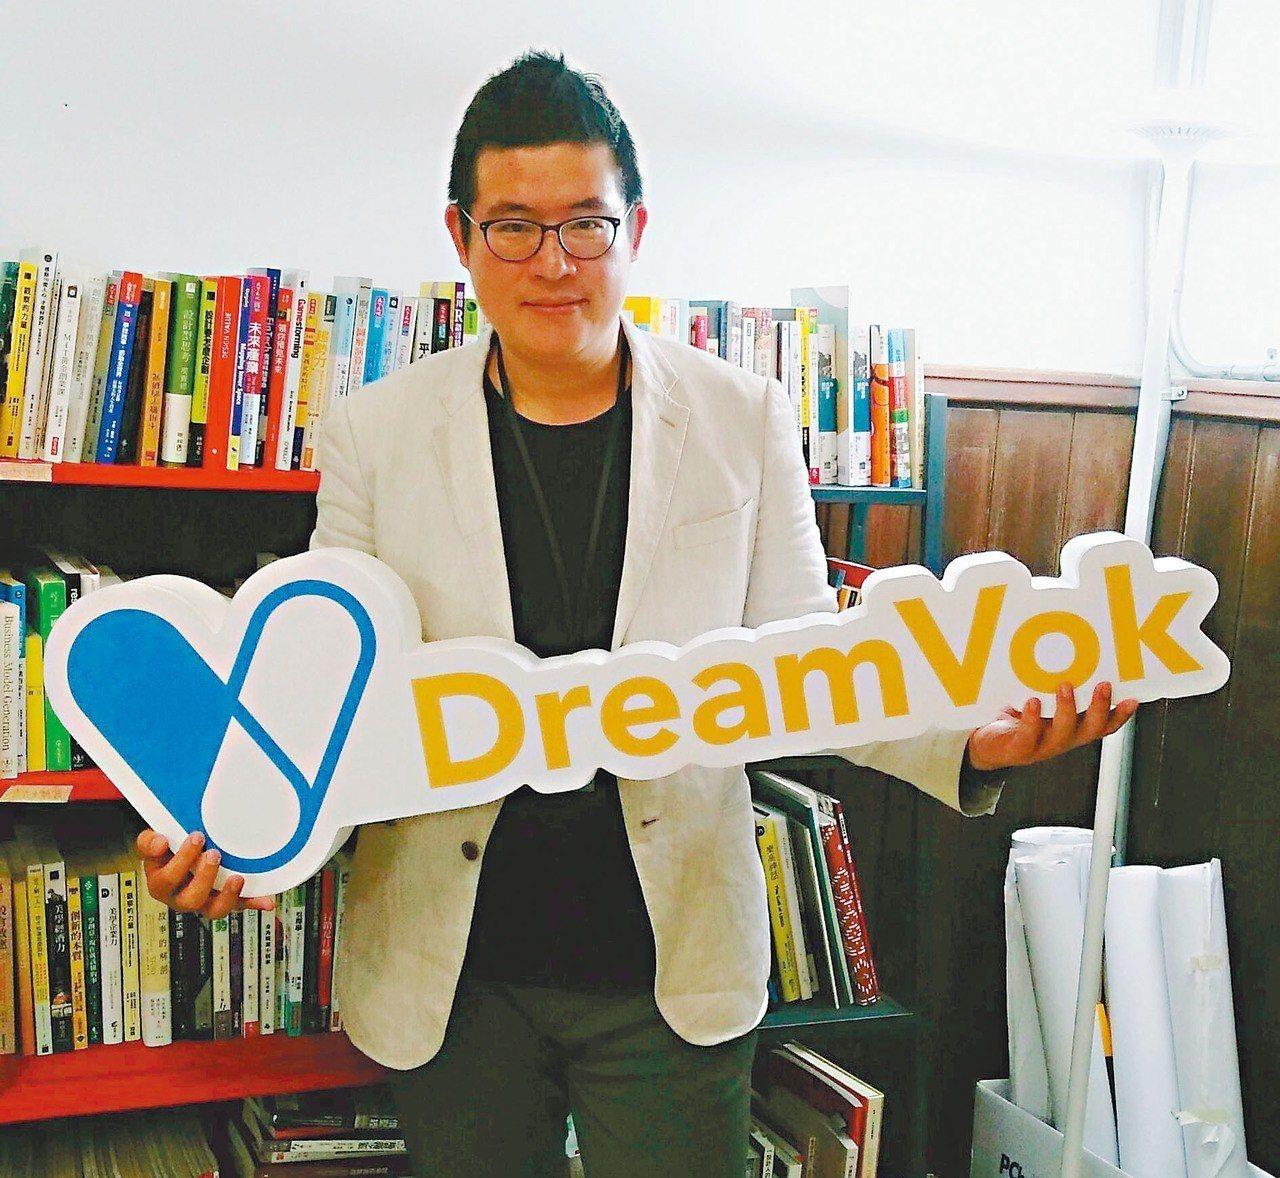 DreamVok執行長楊振甫